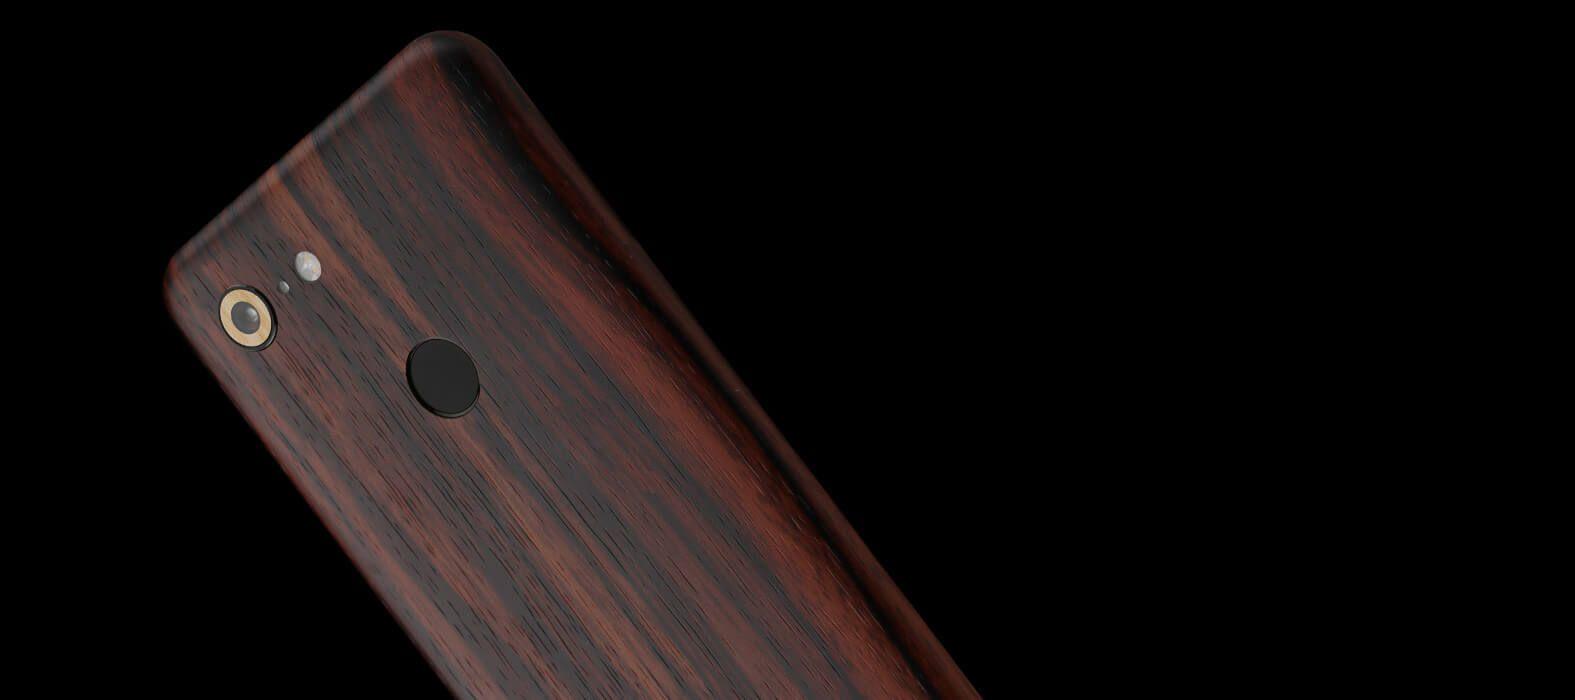 Pixel-3-XL_Ebony-Wood_Skins